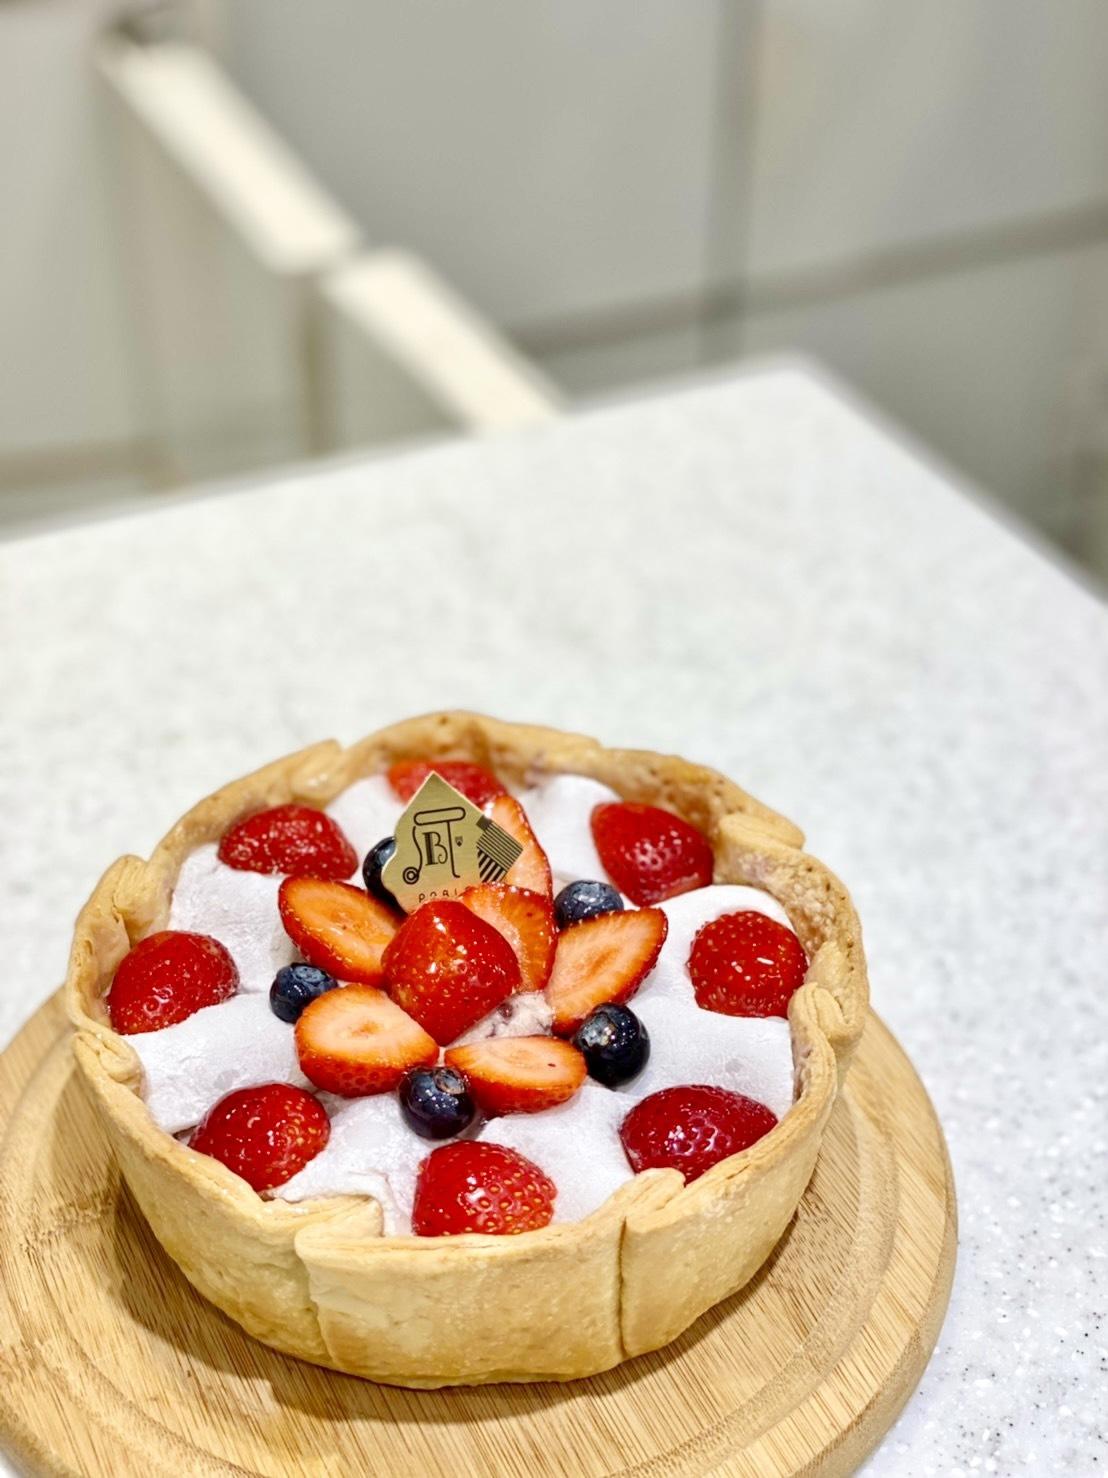 一整杯都是滿滿白草莓!草莓控必吃人氣8款甜點推薦「白草莓瀑布舒芙蕾、草莓大福起司塔」酸甜滋味吃了好幸福